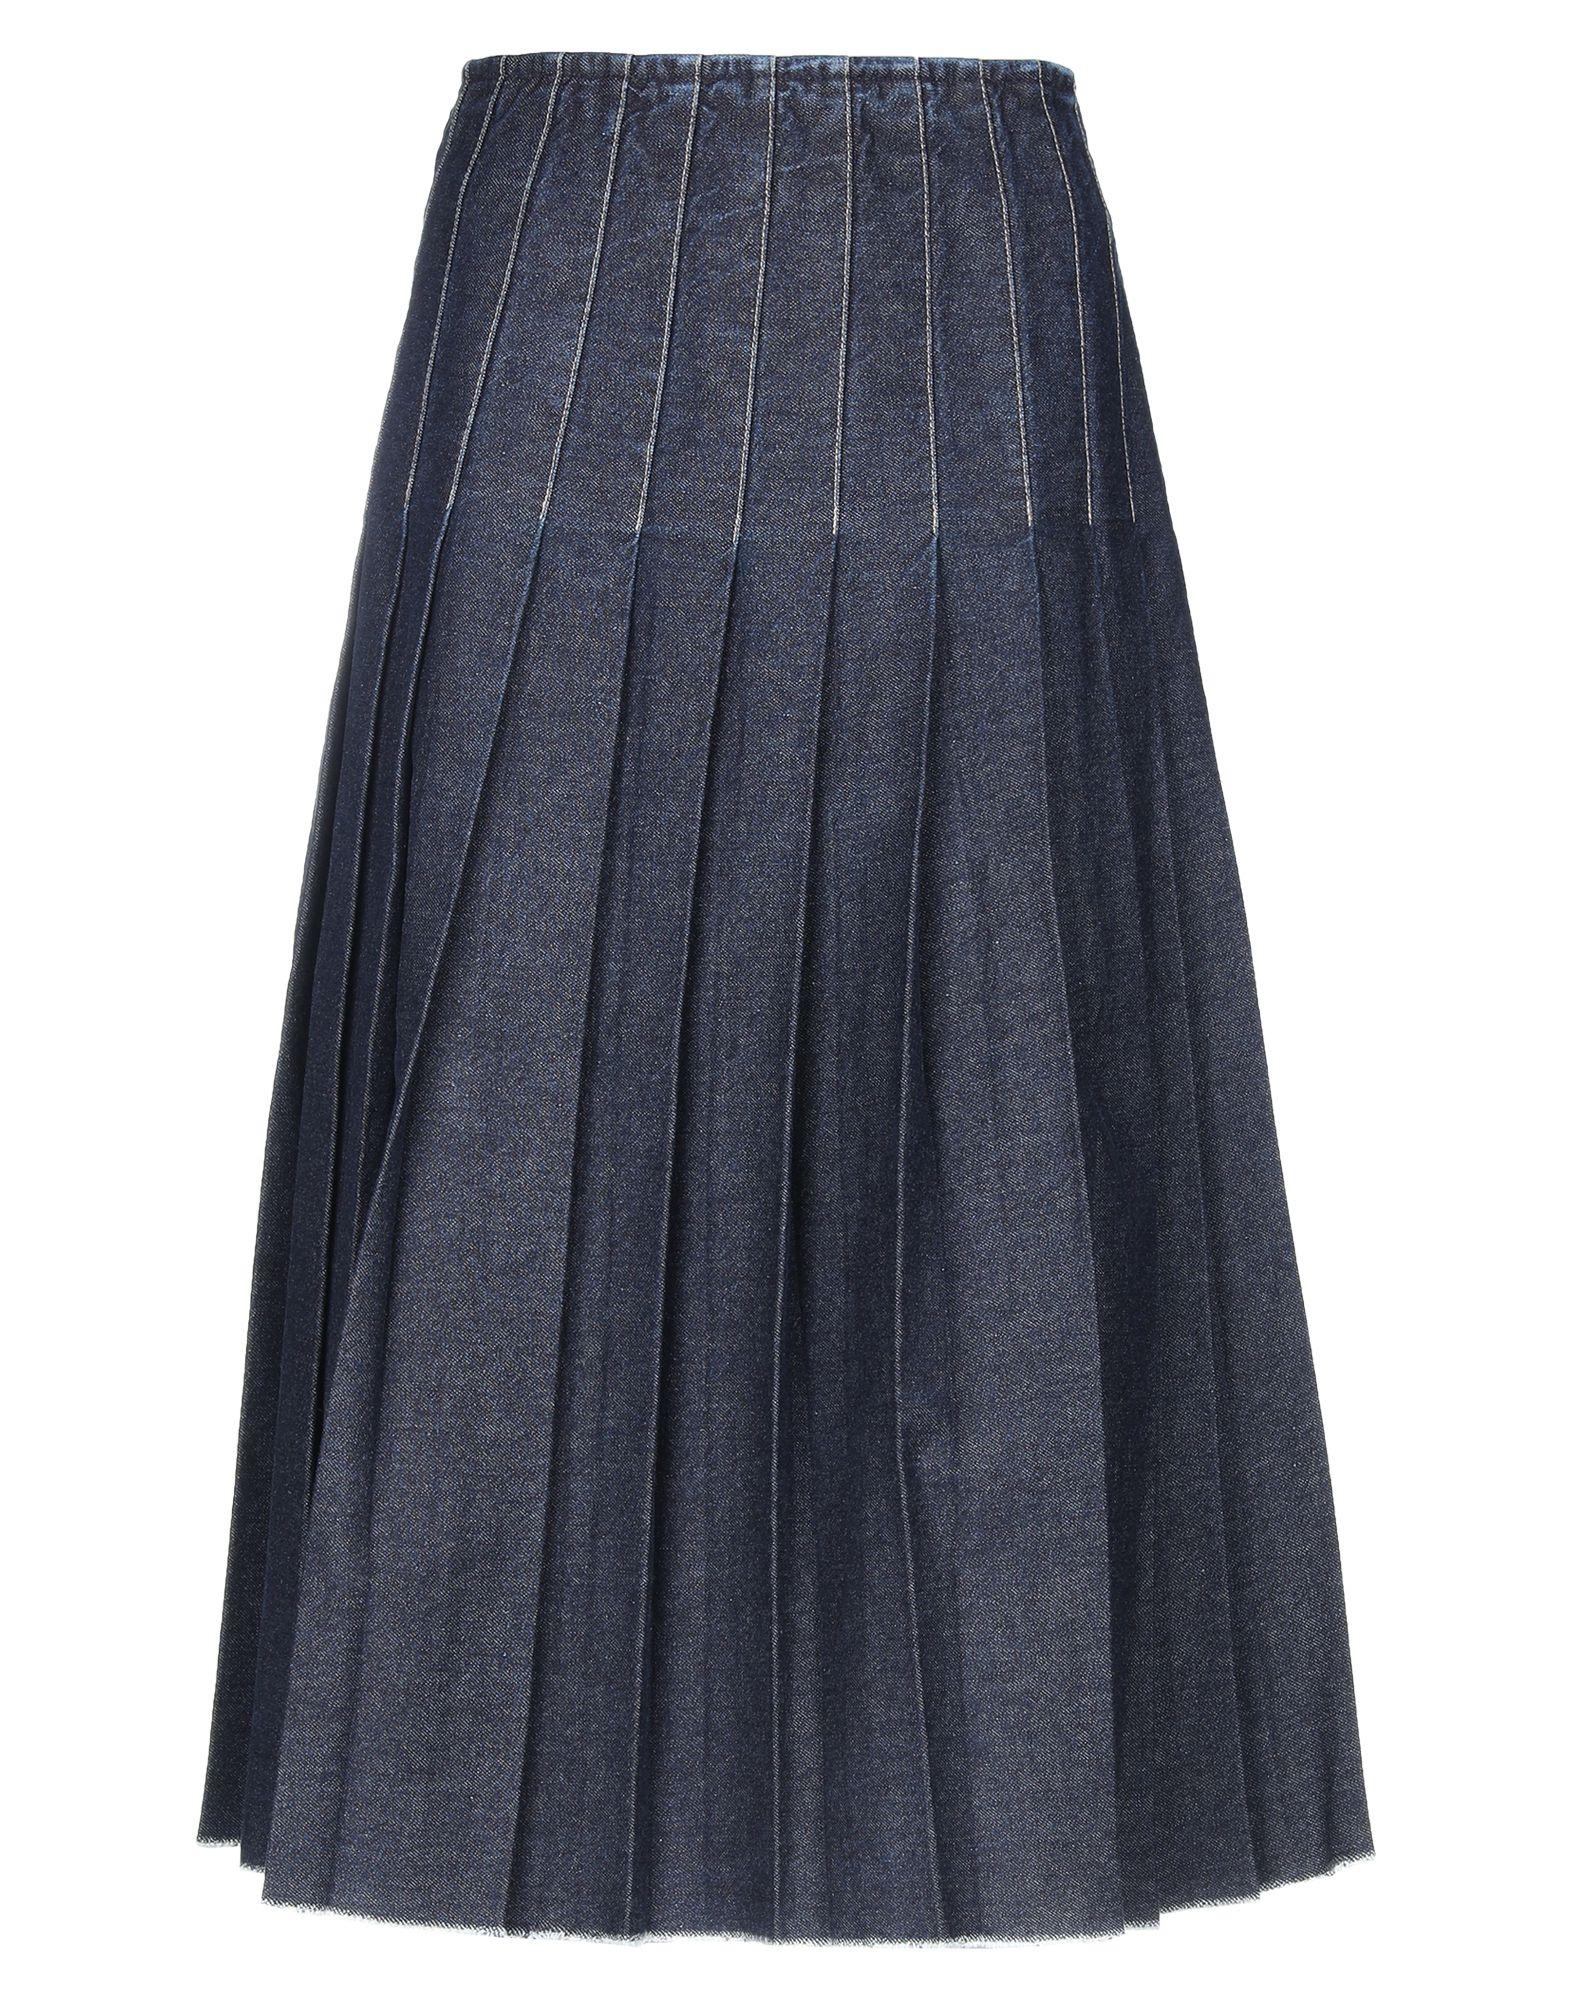 цены на PRINGLE OF SCOTLAND Джинсовая юбка  в интернет-магазинах